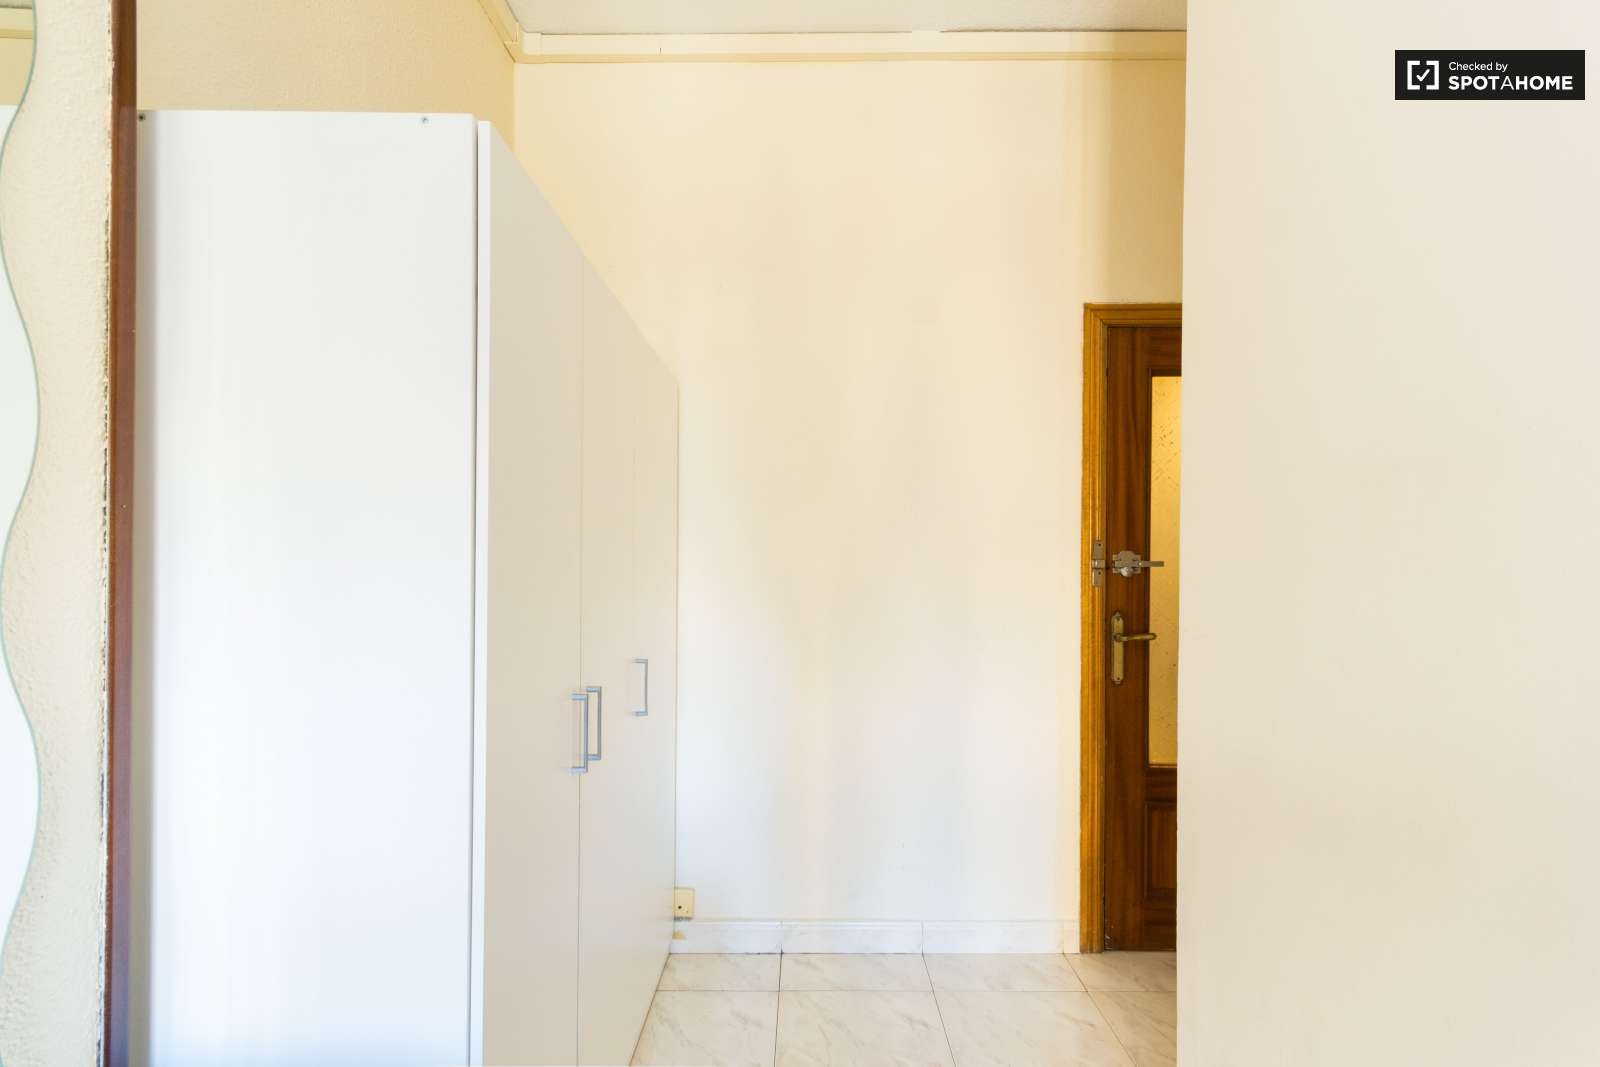 Habitaci n amueblada en piso de 5 habitaciones en retiro for Piso 5 habitaciones